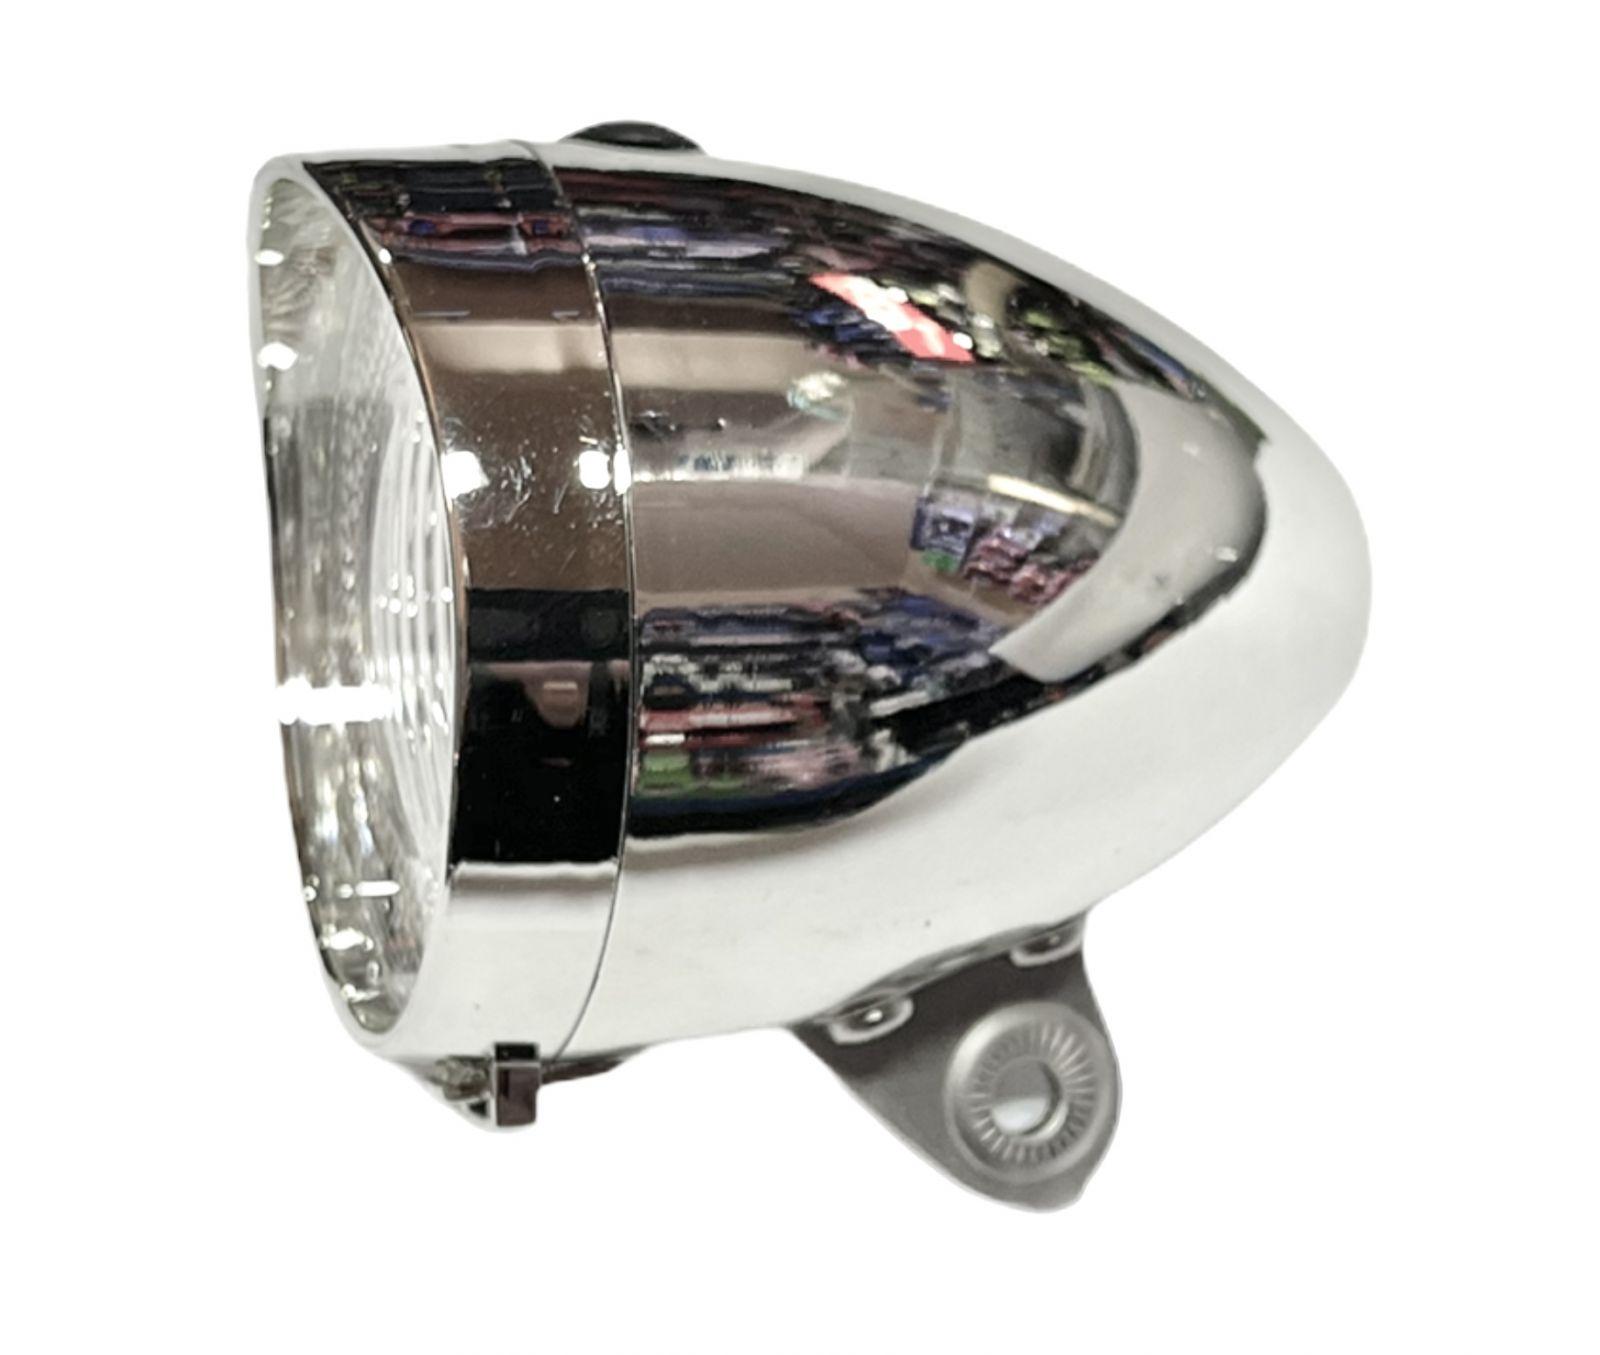 Světlo přední Marwi 3 led s odrazkou + 3x baterie AAA chrom Dema